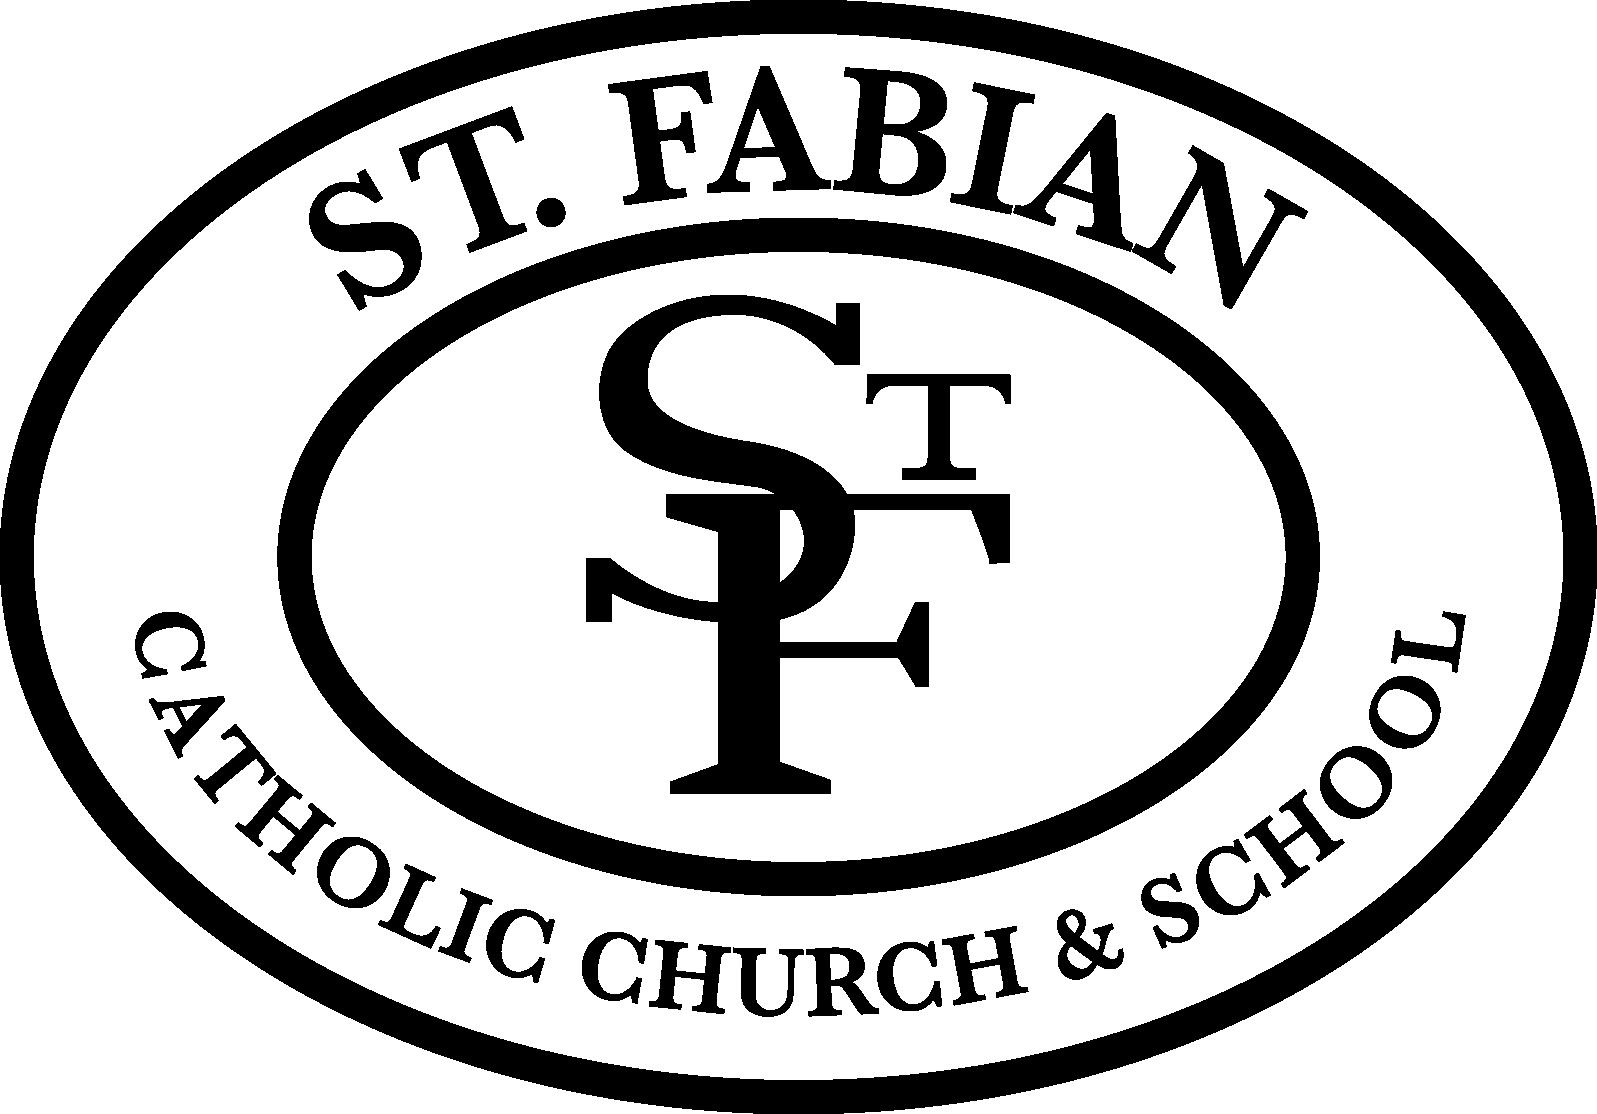 st-fabian-logo-july-2020-oval-black.png